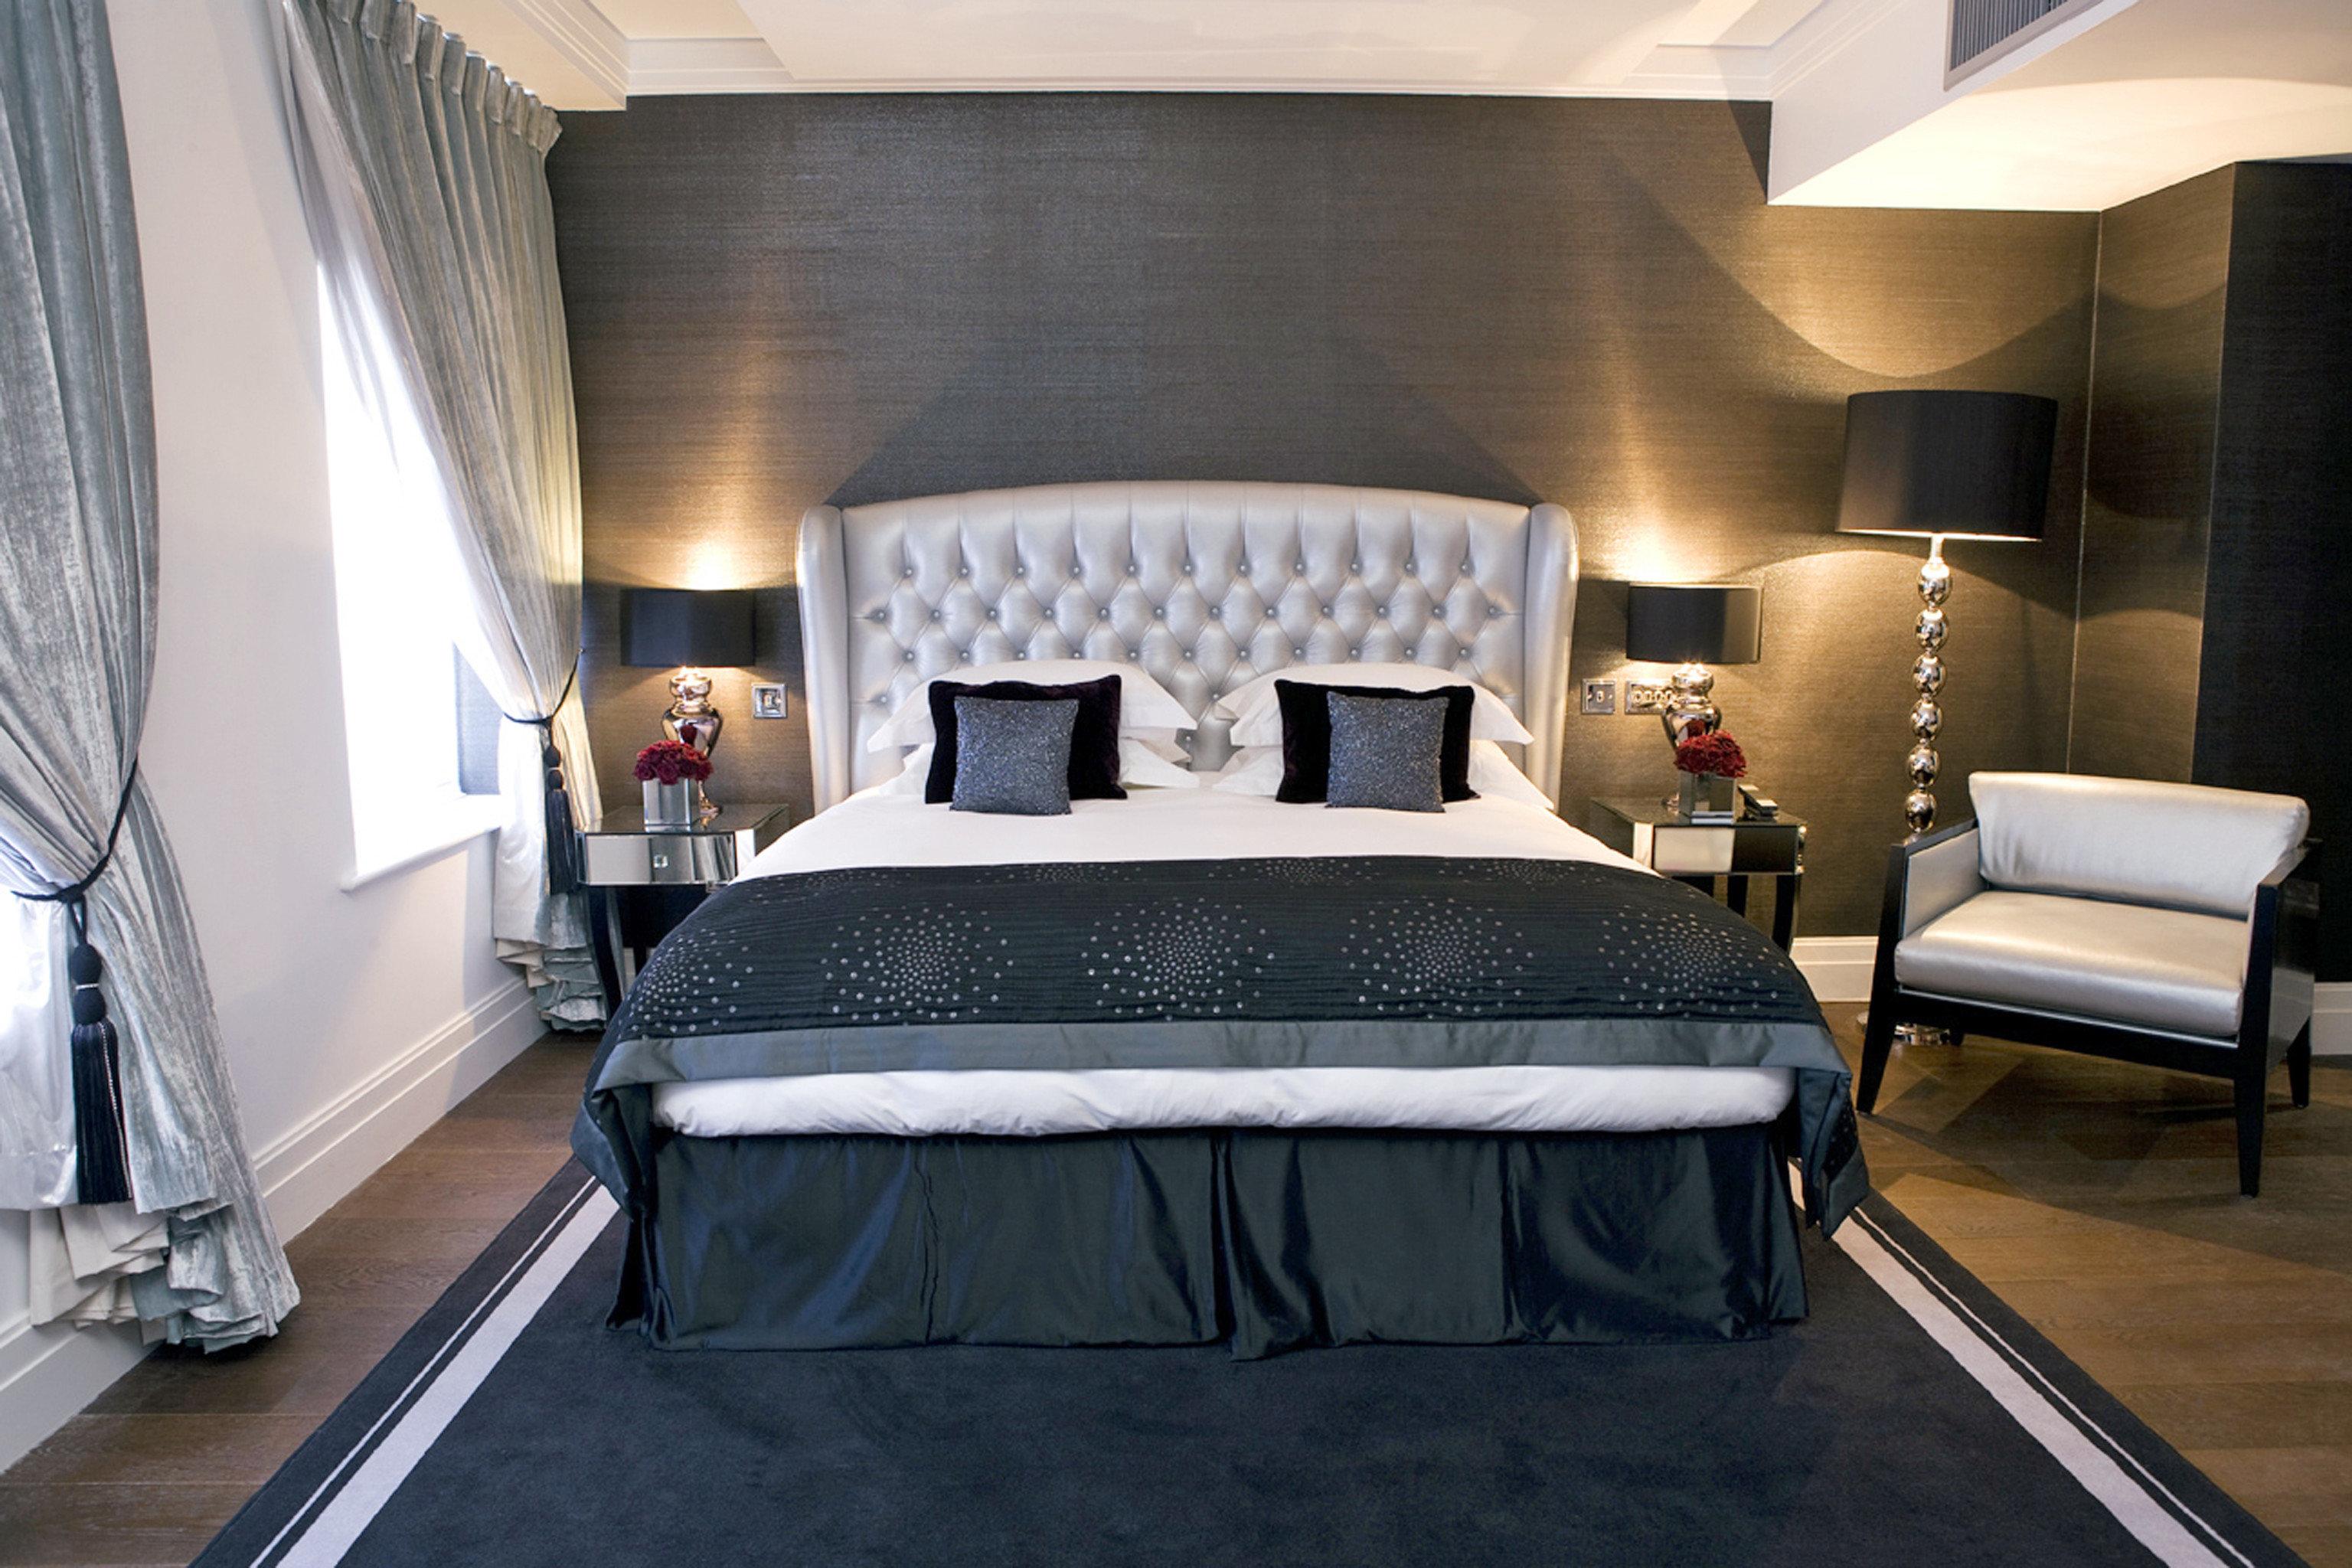 Bedroom Hip Luxury Modern Suite property bed sheet bed frame cottage